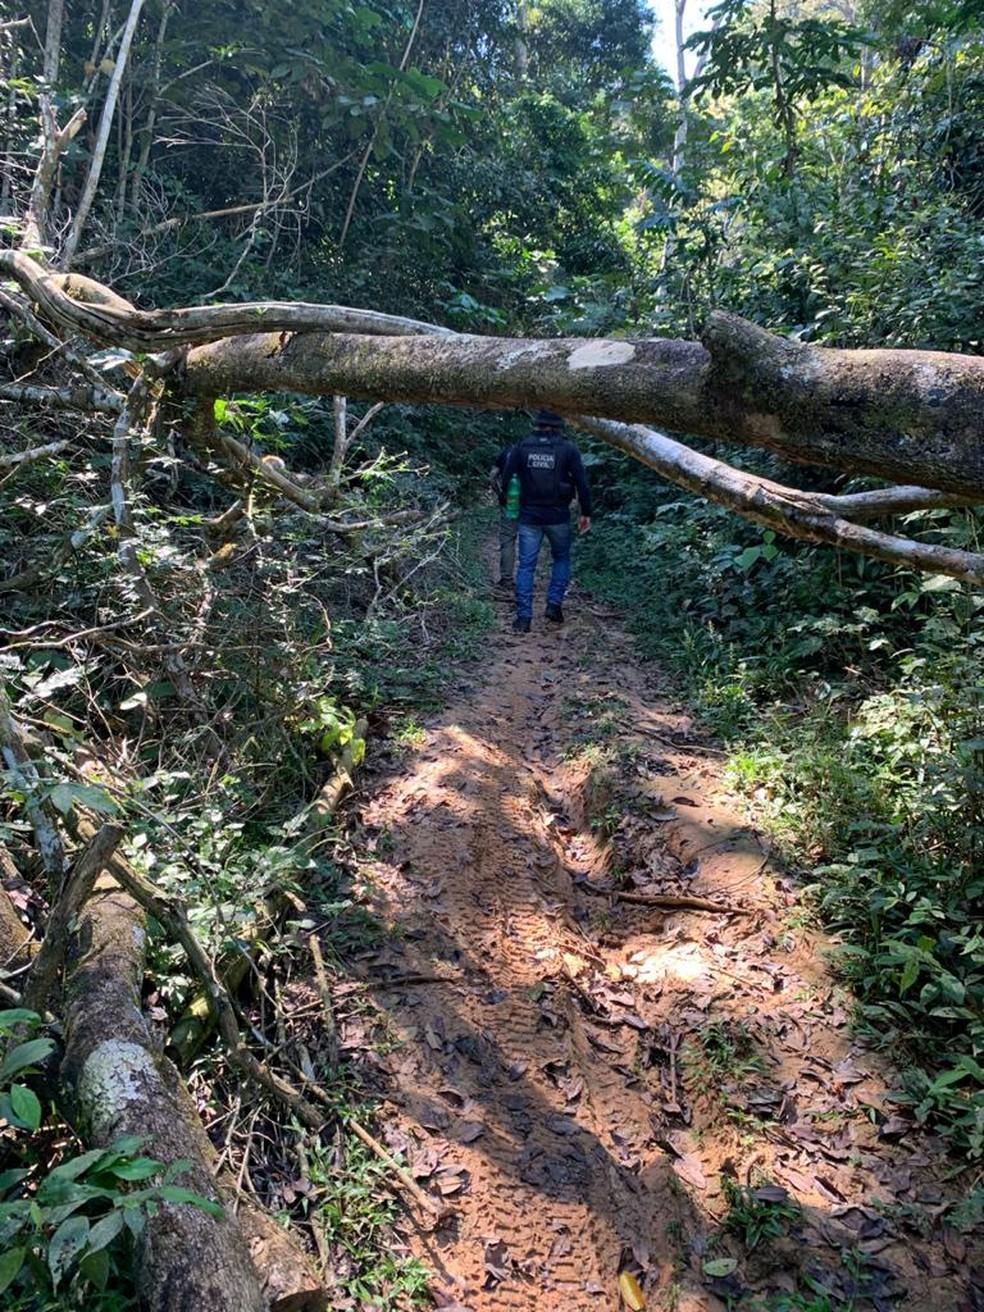 Floresta Estadual do Antimary passa por fiscalizações e ações constantemente contra invasões de terras e desmatamento — Foto: Arquivo/Polícia Civil